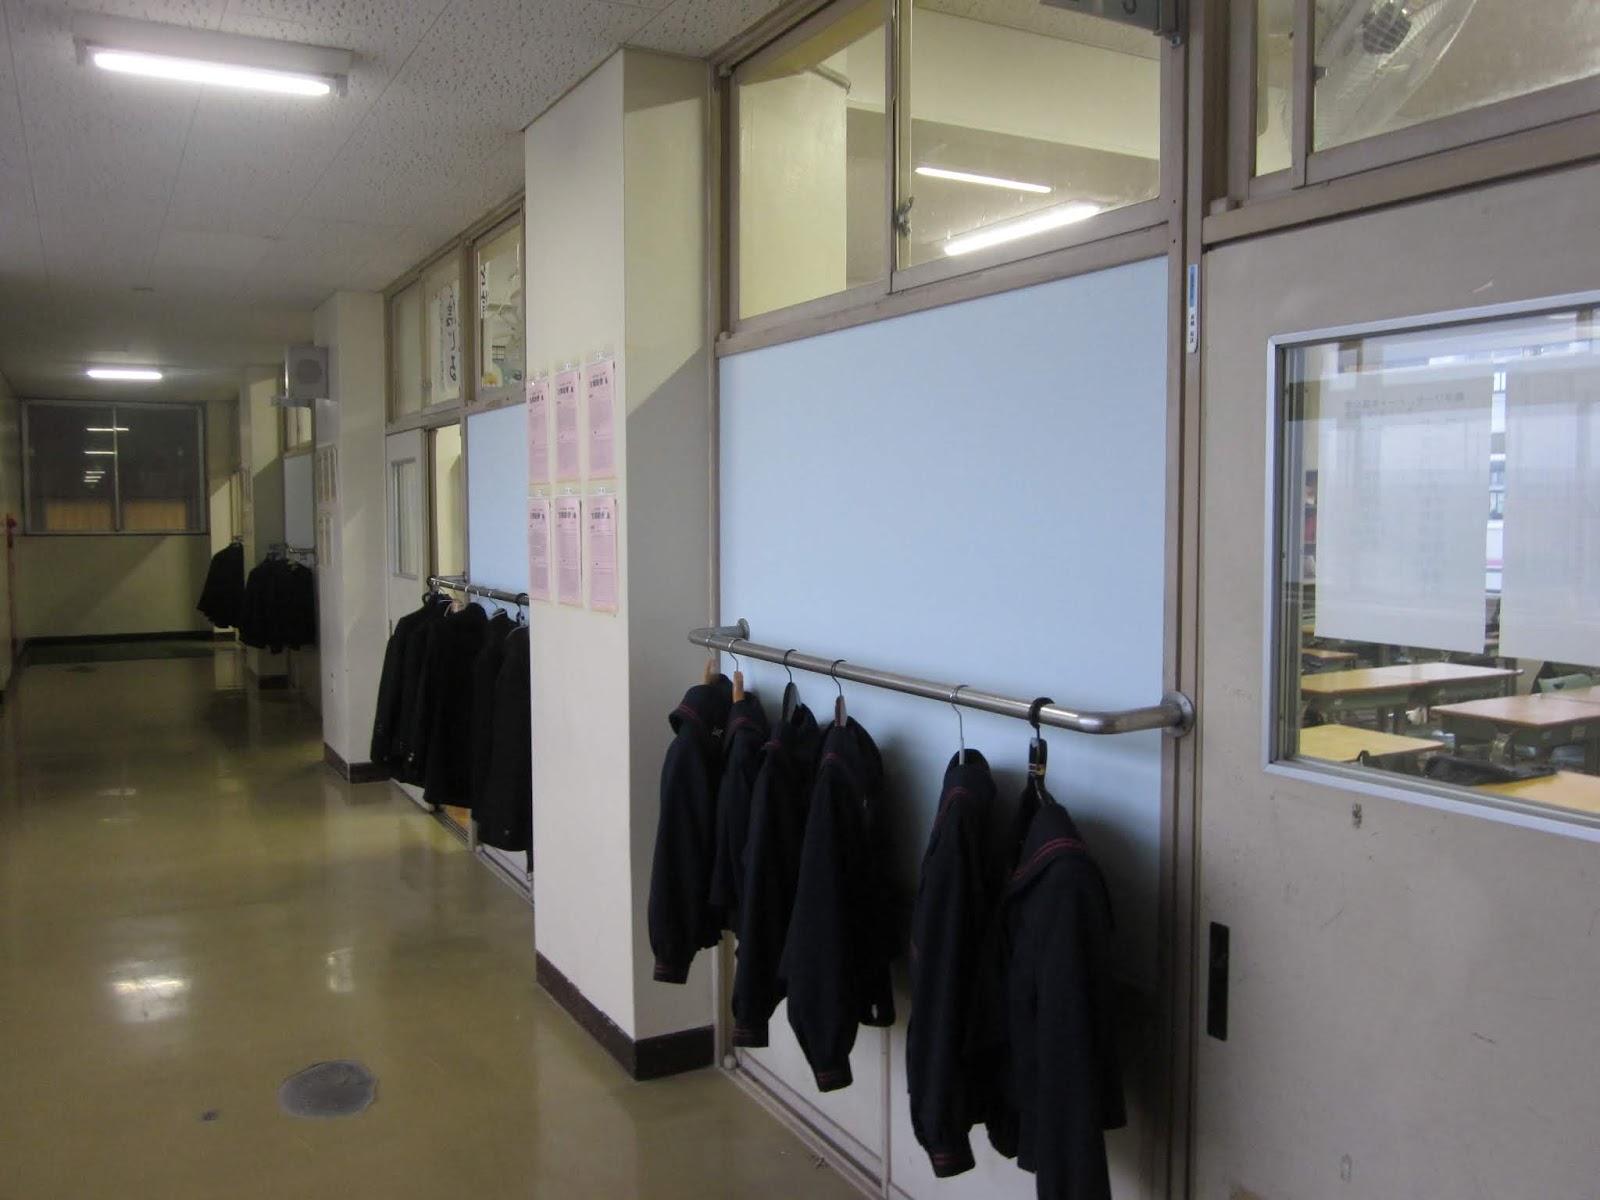 東深井中学校 活動の記録 きれいな壁紙になりました